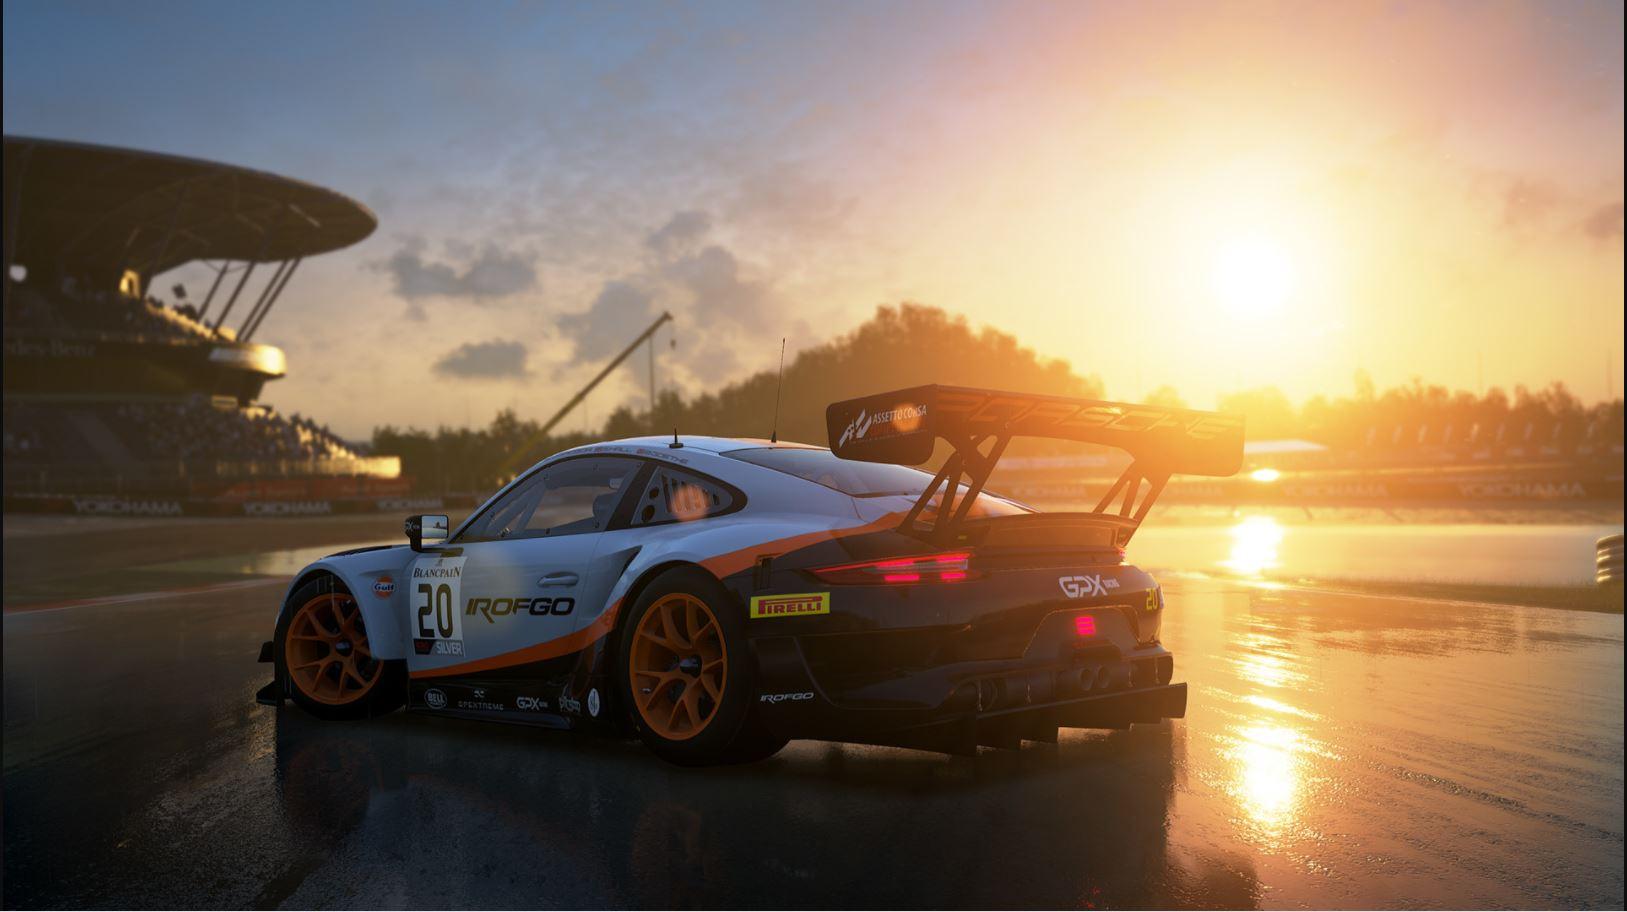 بازی Assetto Corsa 2 در سال ۲۰۲۴ عرضه میگردد